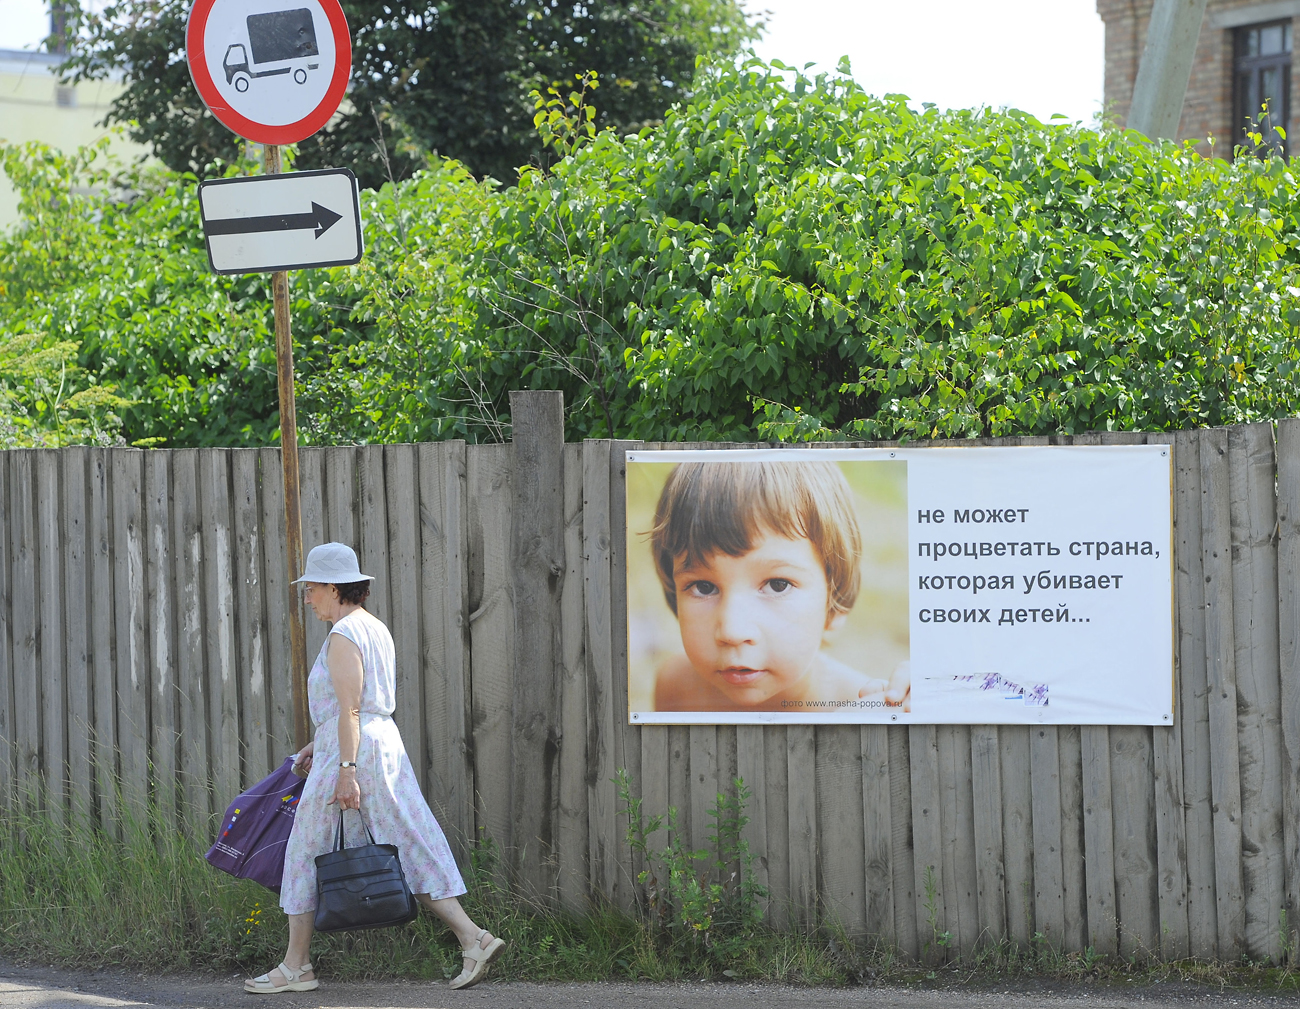 """Un manifesto a Borisoglebskij, nella regione di Yaroslavl, cita: """"Un paese che uccide i bambini non può fiorire""""."""